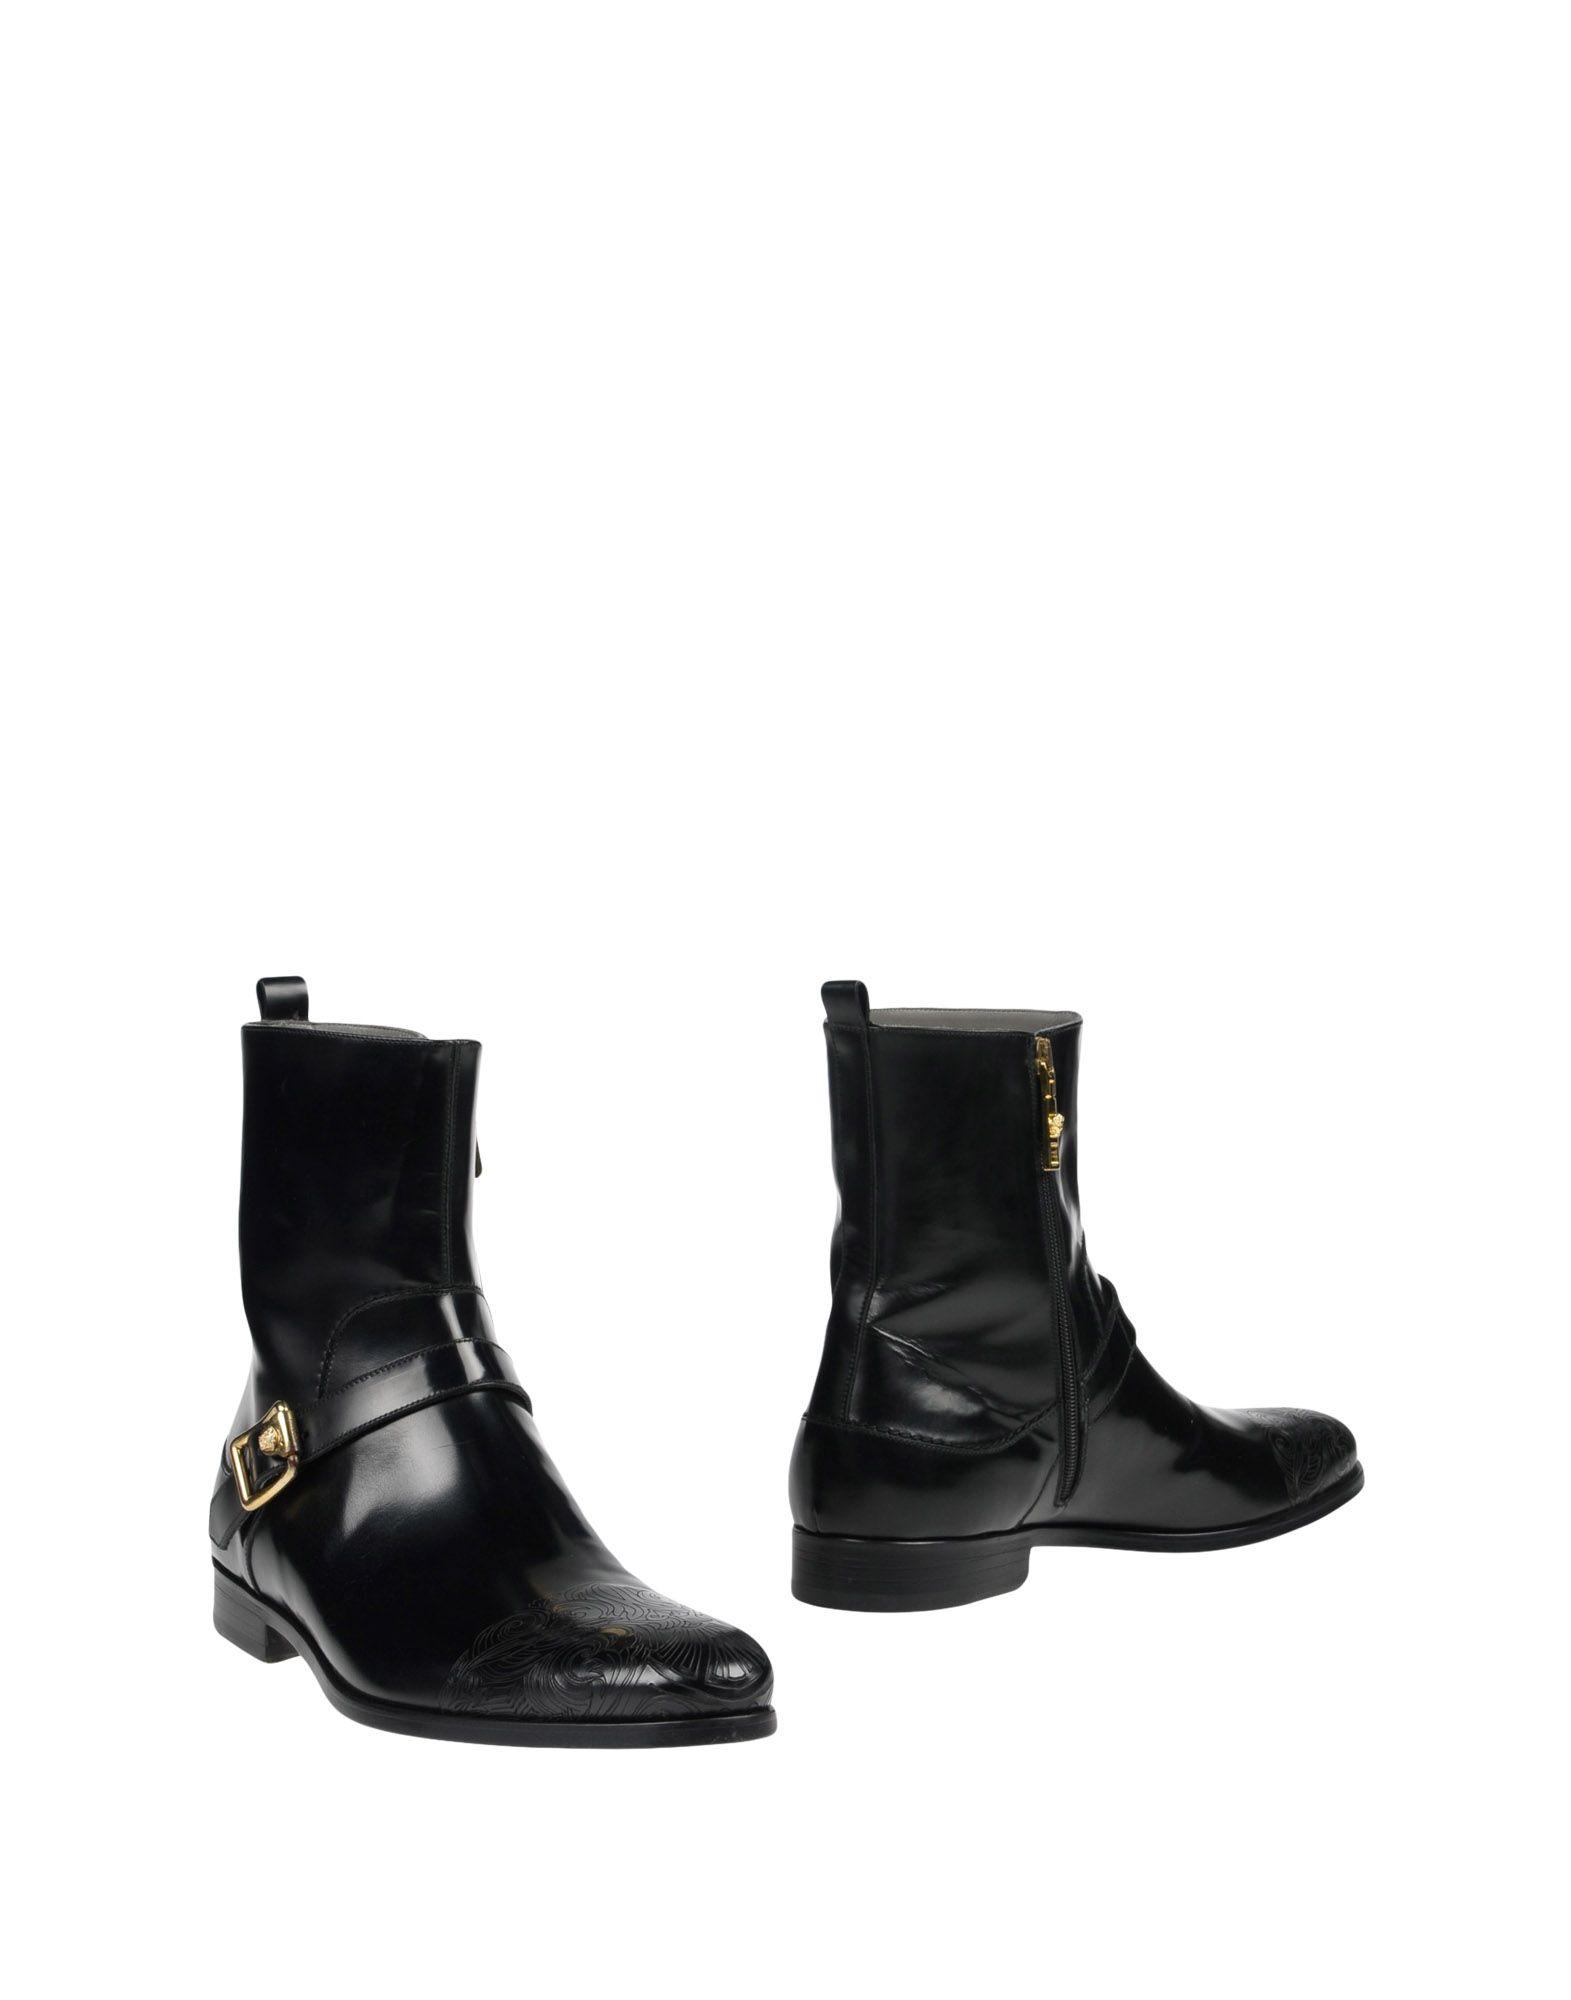 Versace Stiefelette Herren  11420889OC Gute Qualität beliebte Schuhe